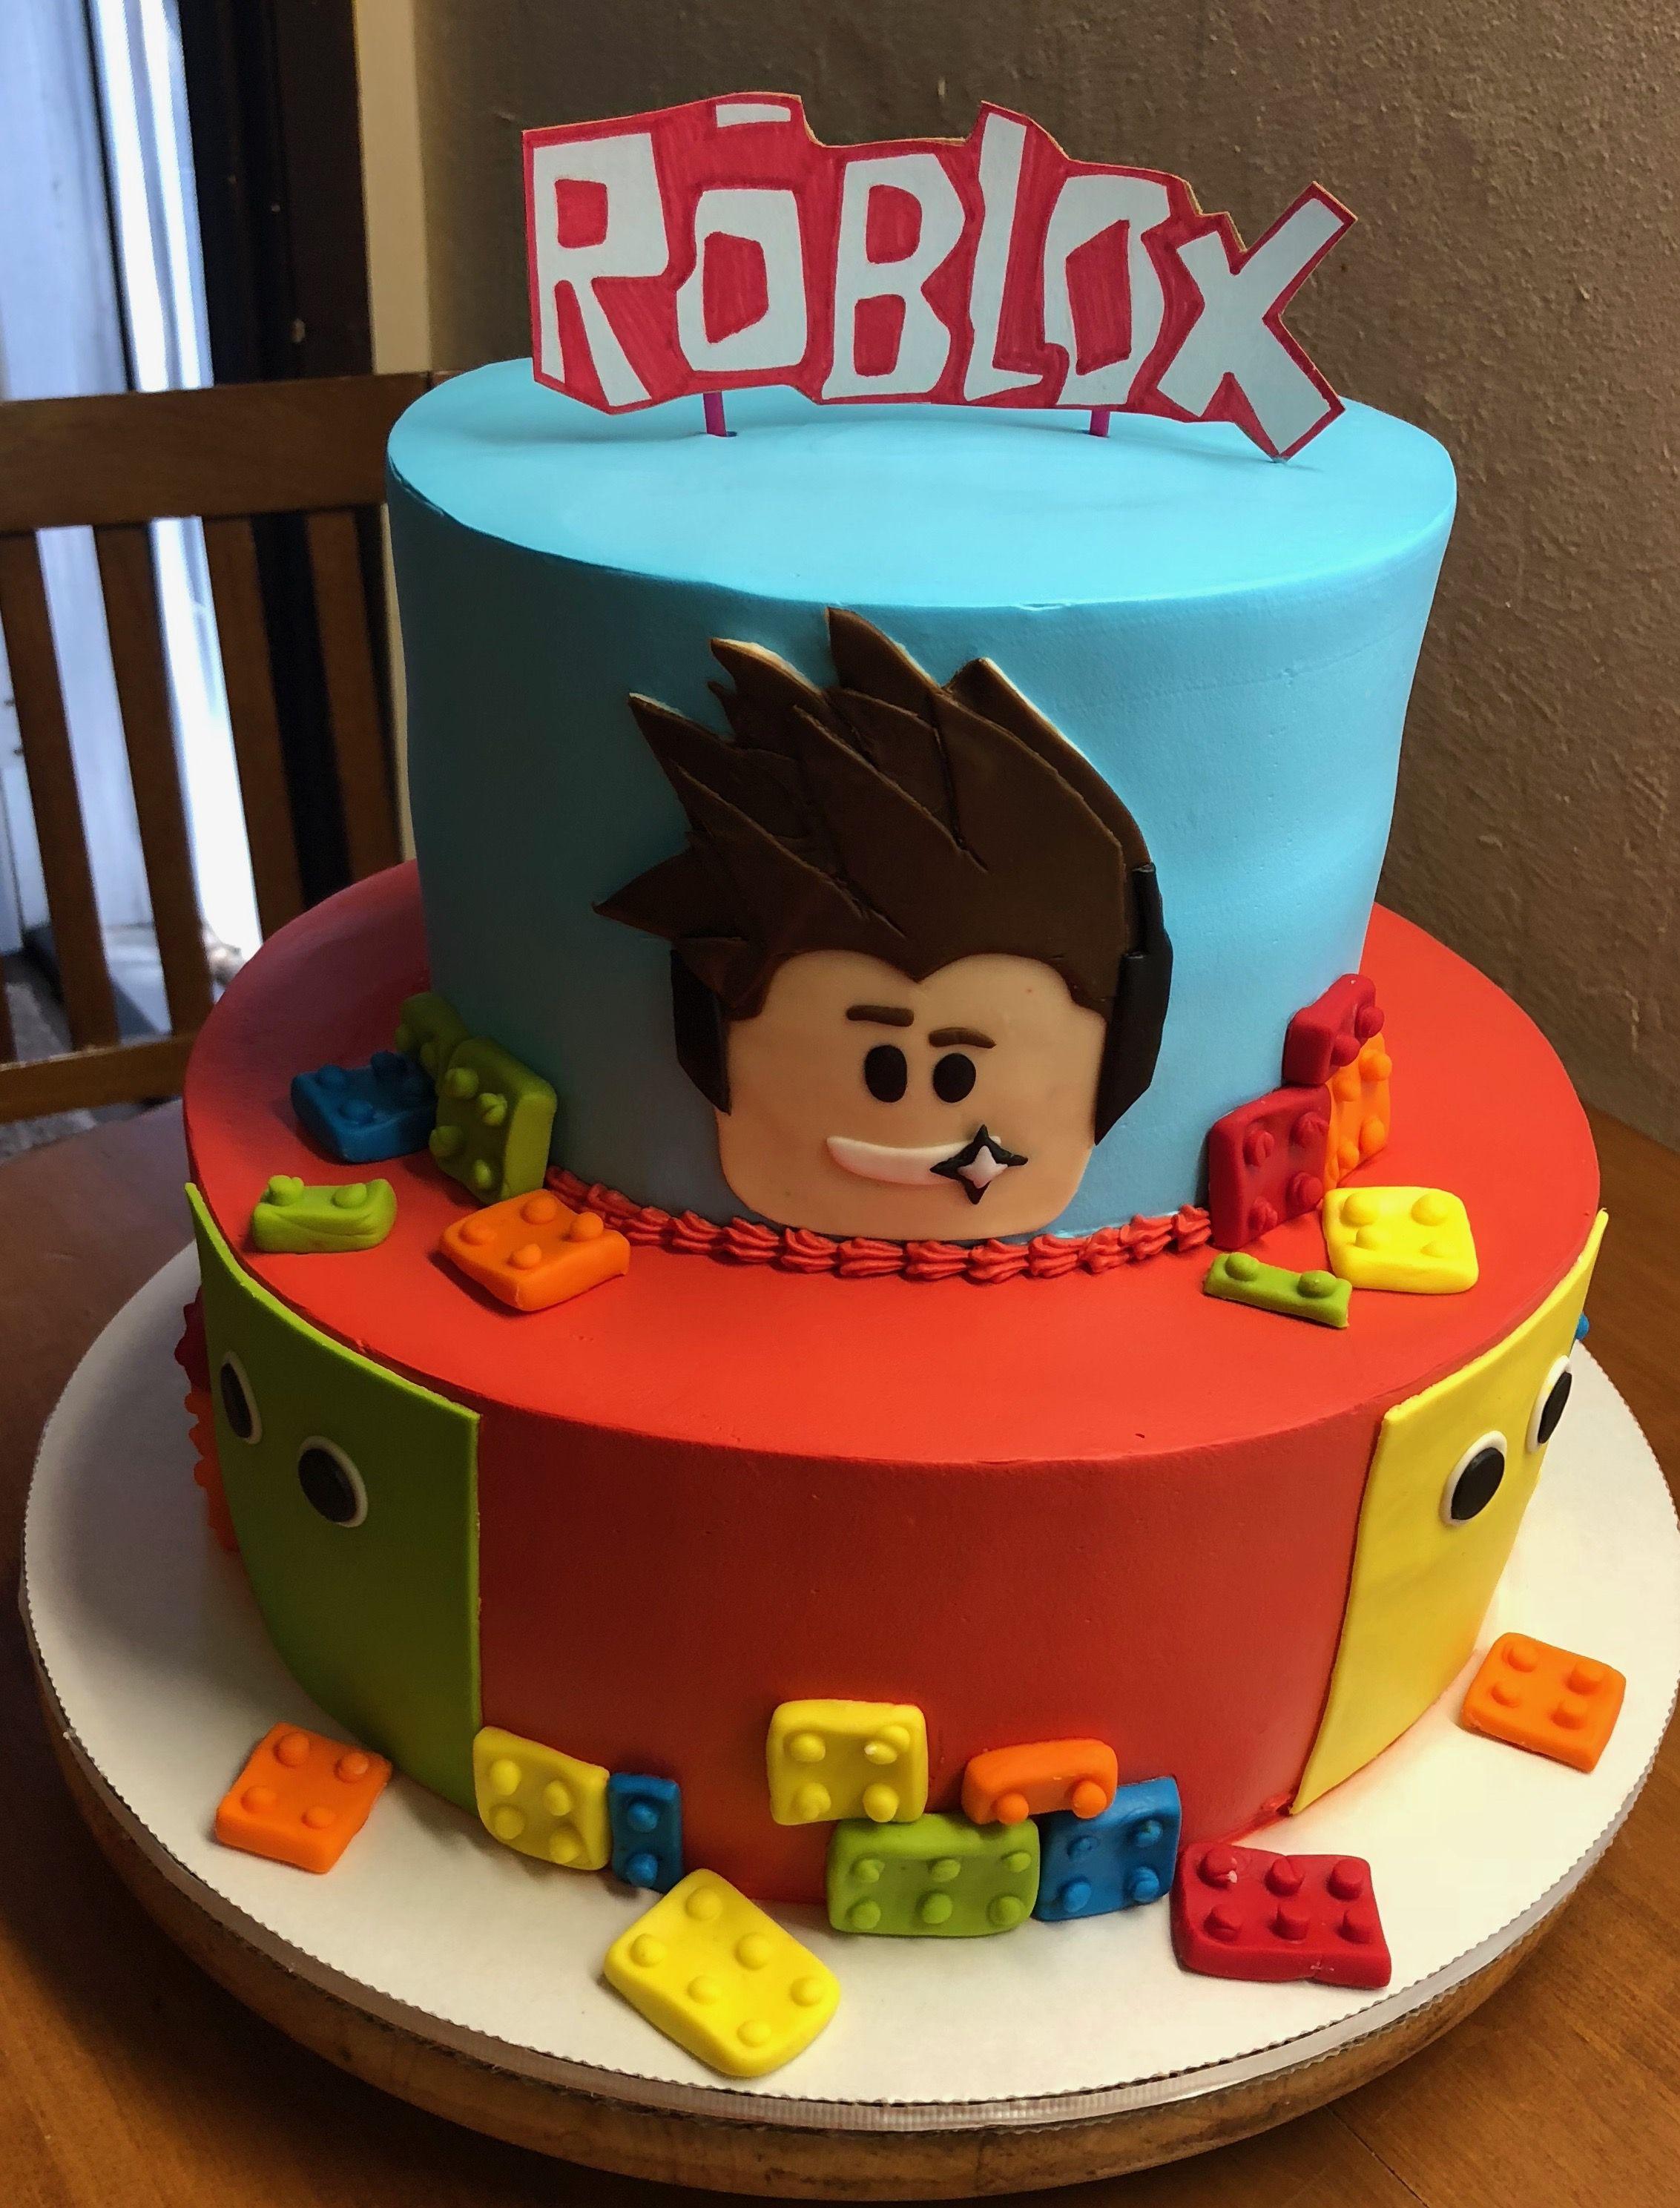 Roblox Birthday Cake Decoration Decoracion De Tortas Cumpleanos